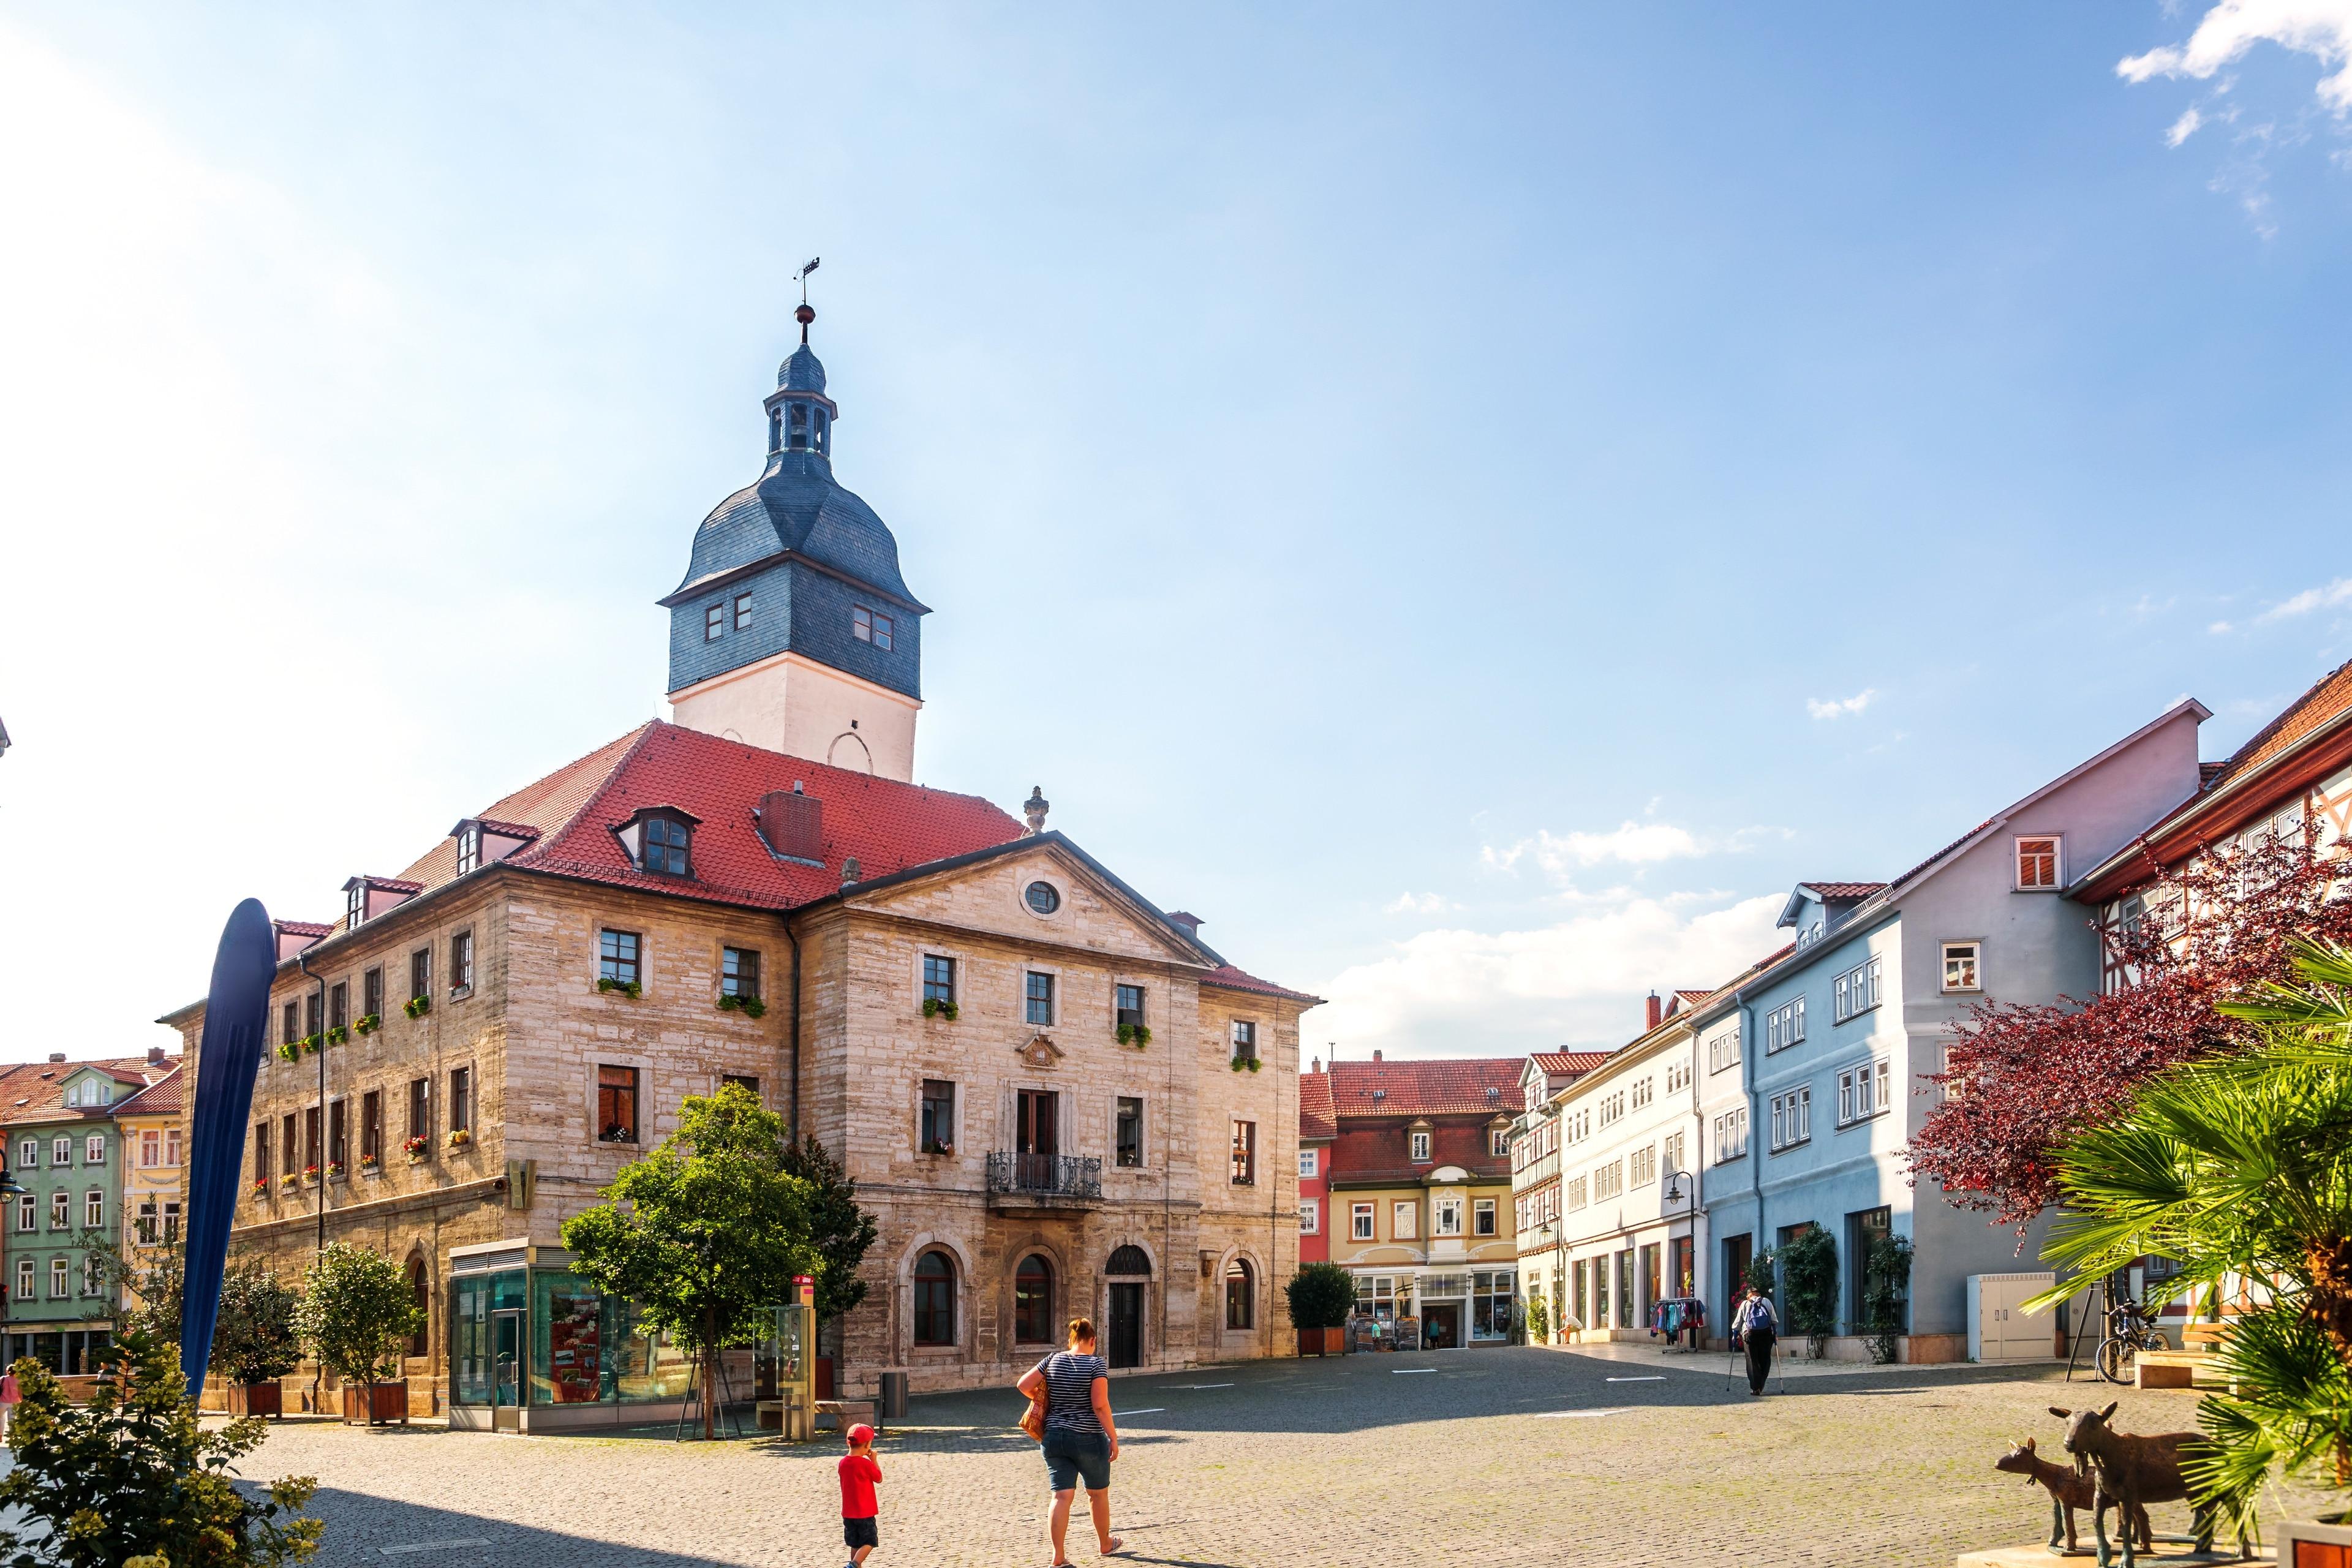 Bad Langensalza, Thuringia, Germany